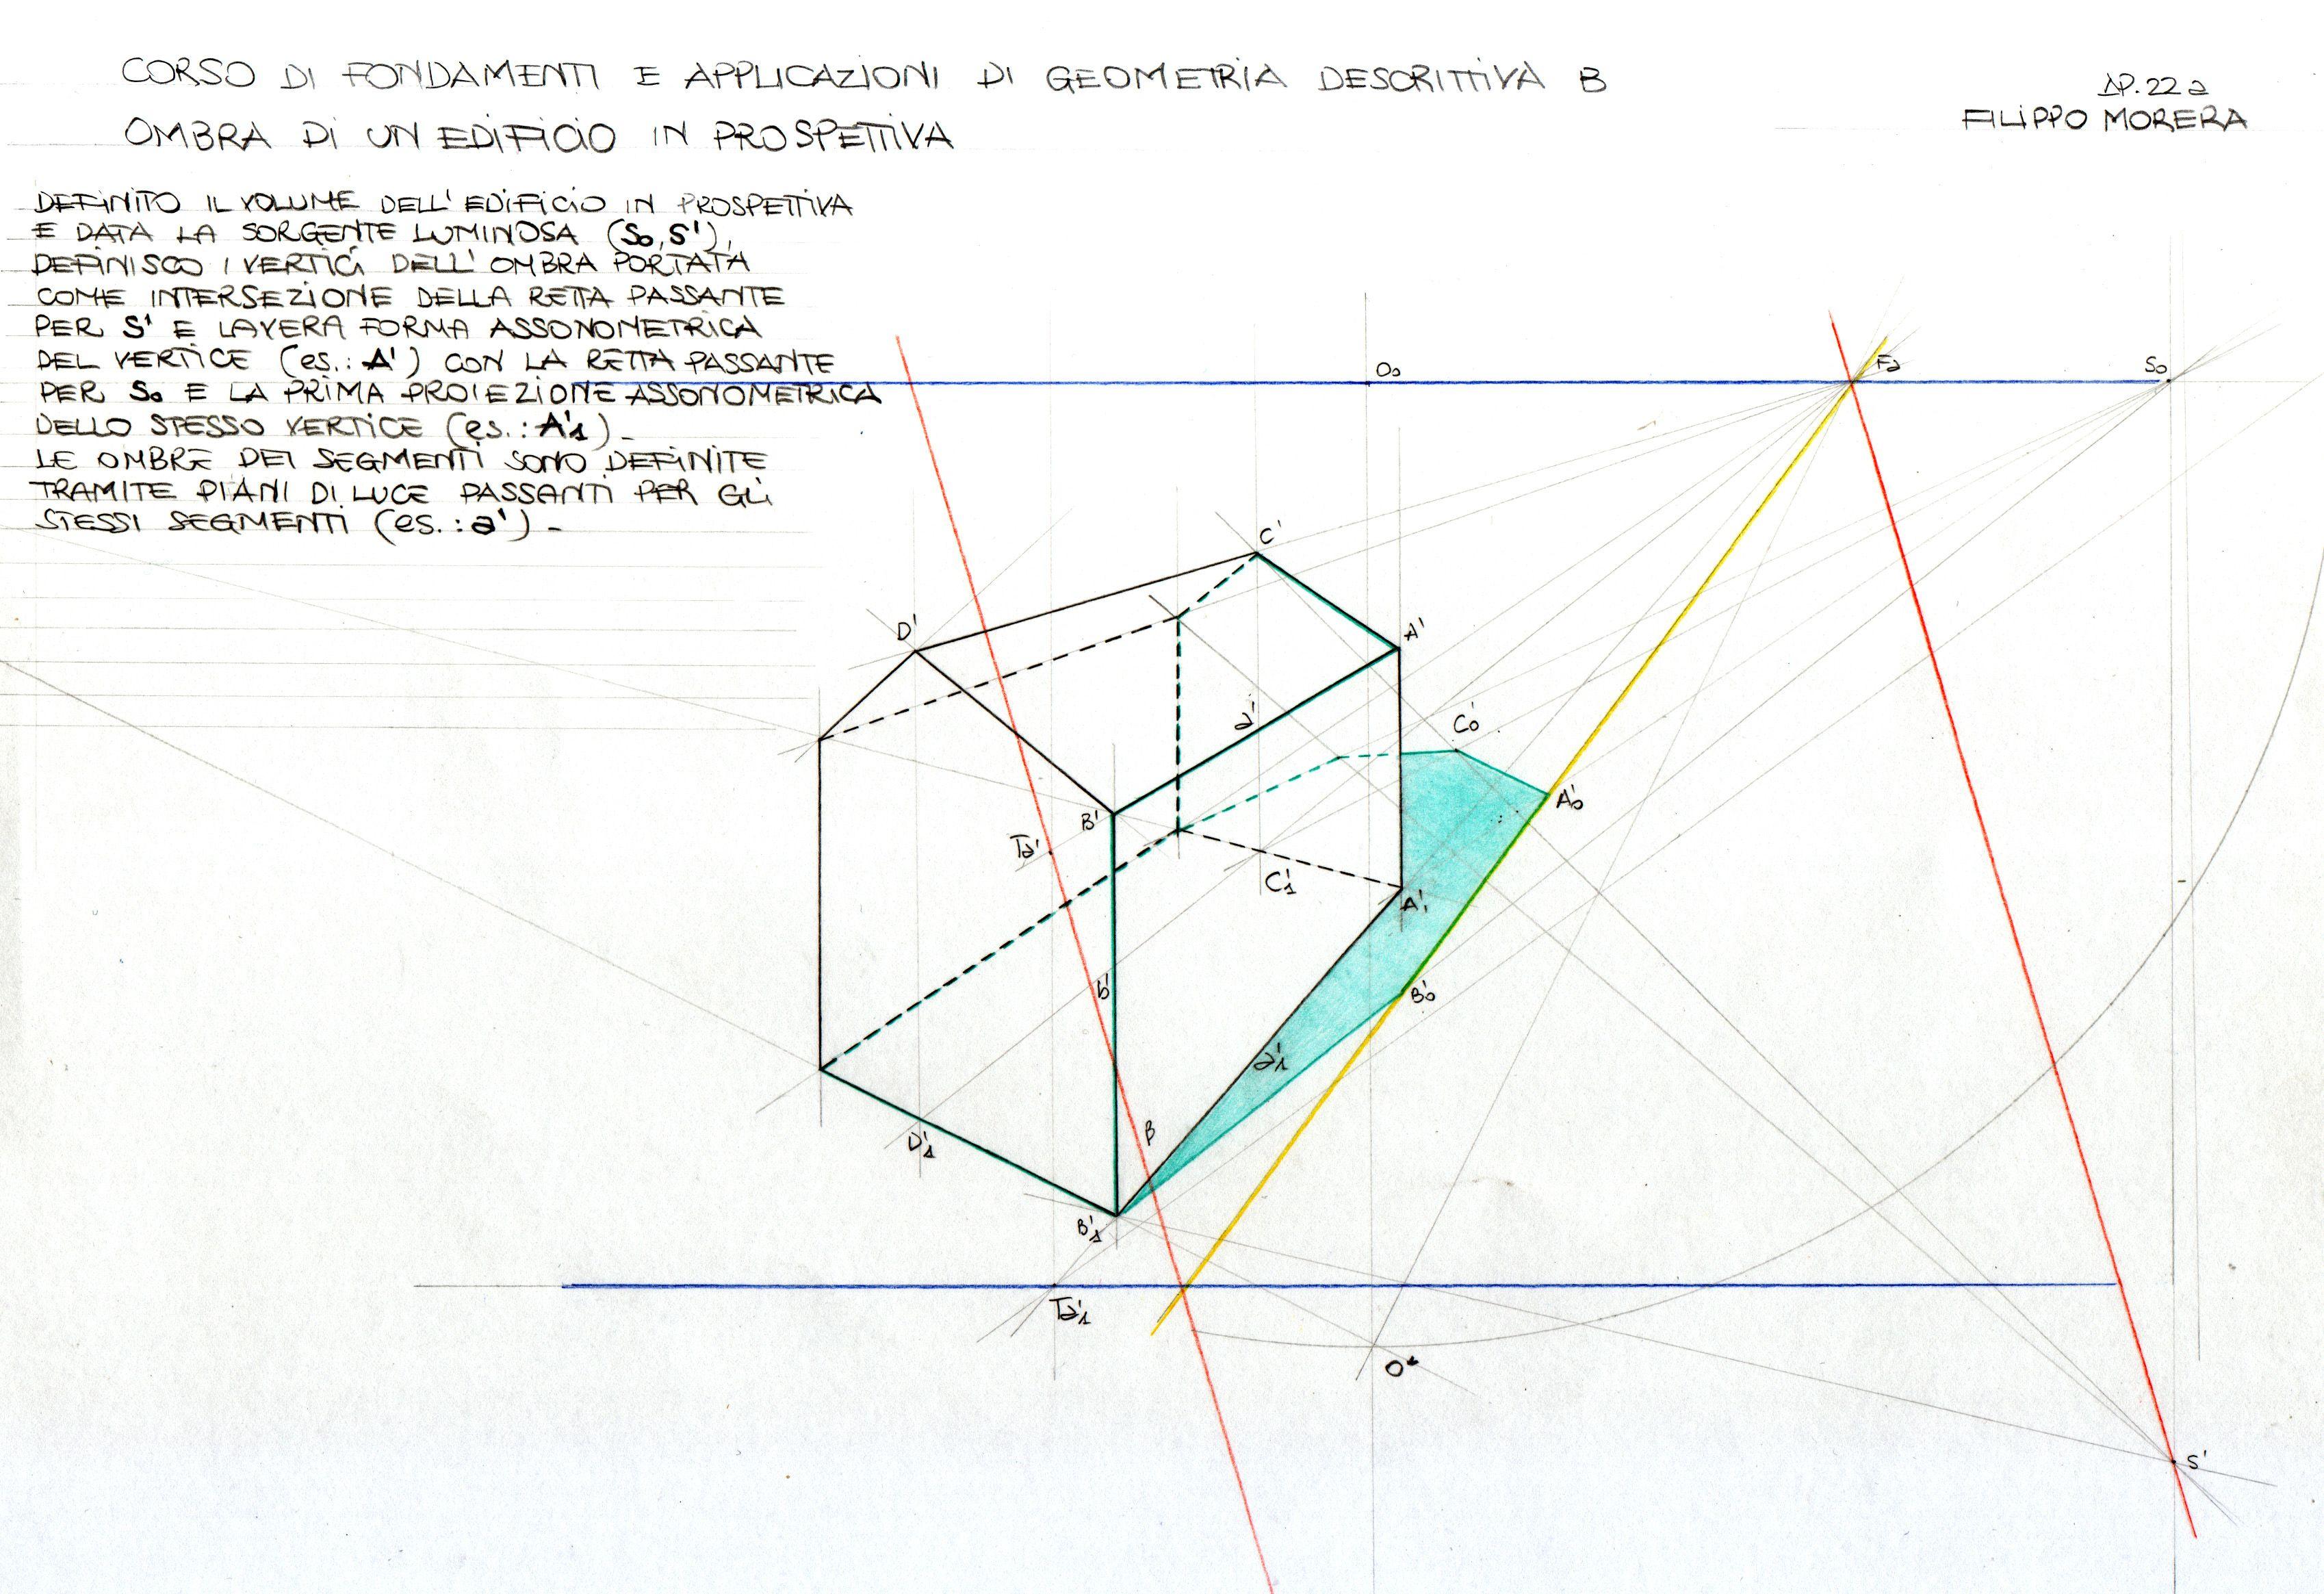 26 Idee Su Geometria Descrittiva Geometria Prospettiva Verità